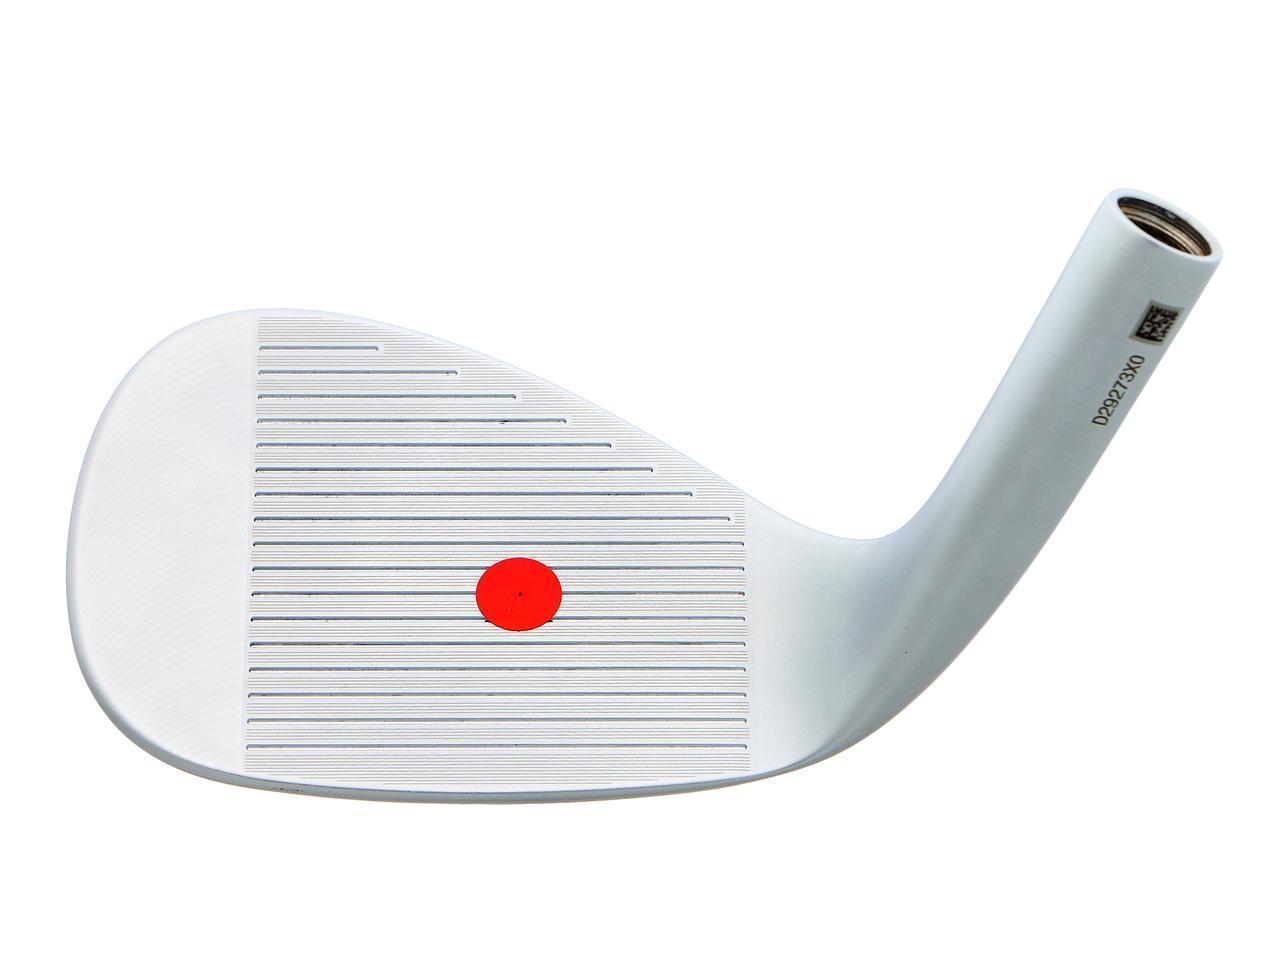 画像: 【クリーブランドRTX4 ウェッジ ダンロップスポーツ】トン、キュッキュッと激スピン! 開きやすく球を操れるウェッジ - ゴルフへ行こうWEB by ゴルフダイジェスト